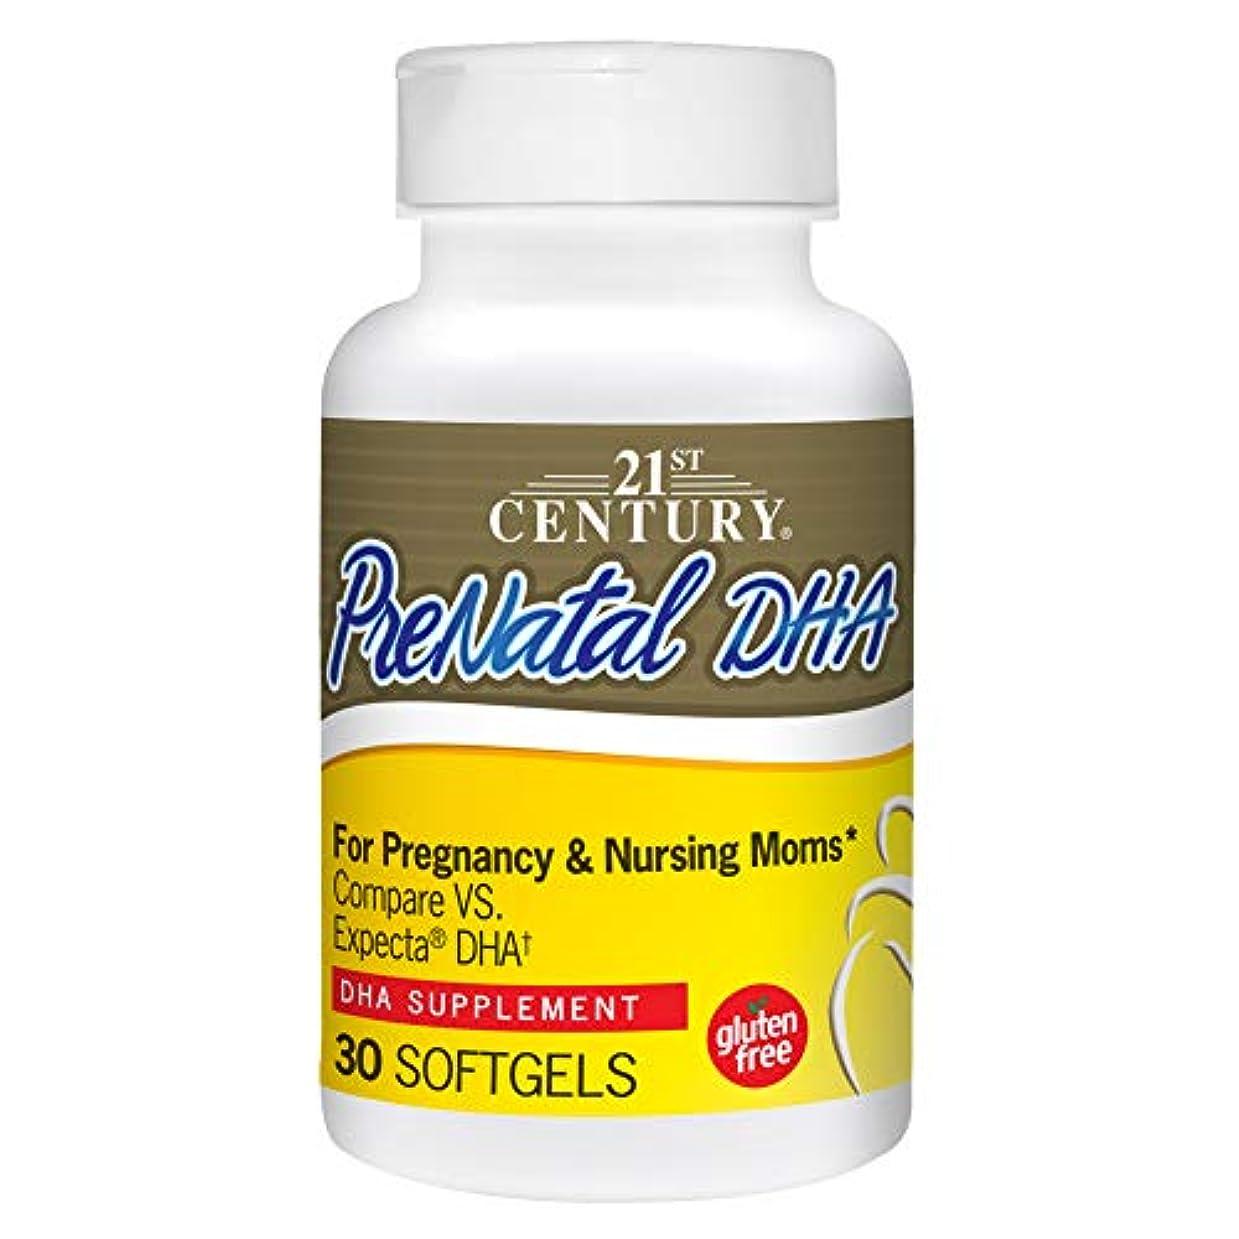 非公式すり離れて妊婦用 PreNatal DHA 出生前DHA30ソフトジェル (パラレル入力品)と妊婦(海外カラの直送品)PreNatal DHA 30 Softgels